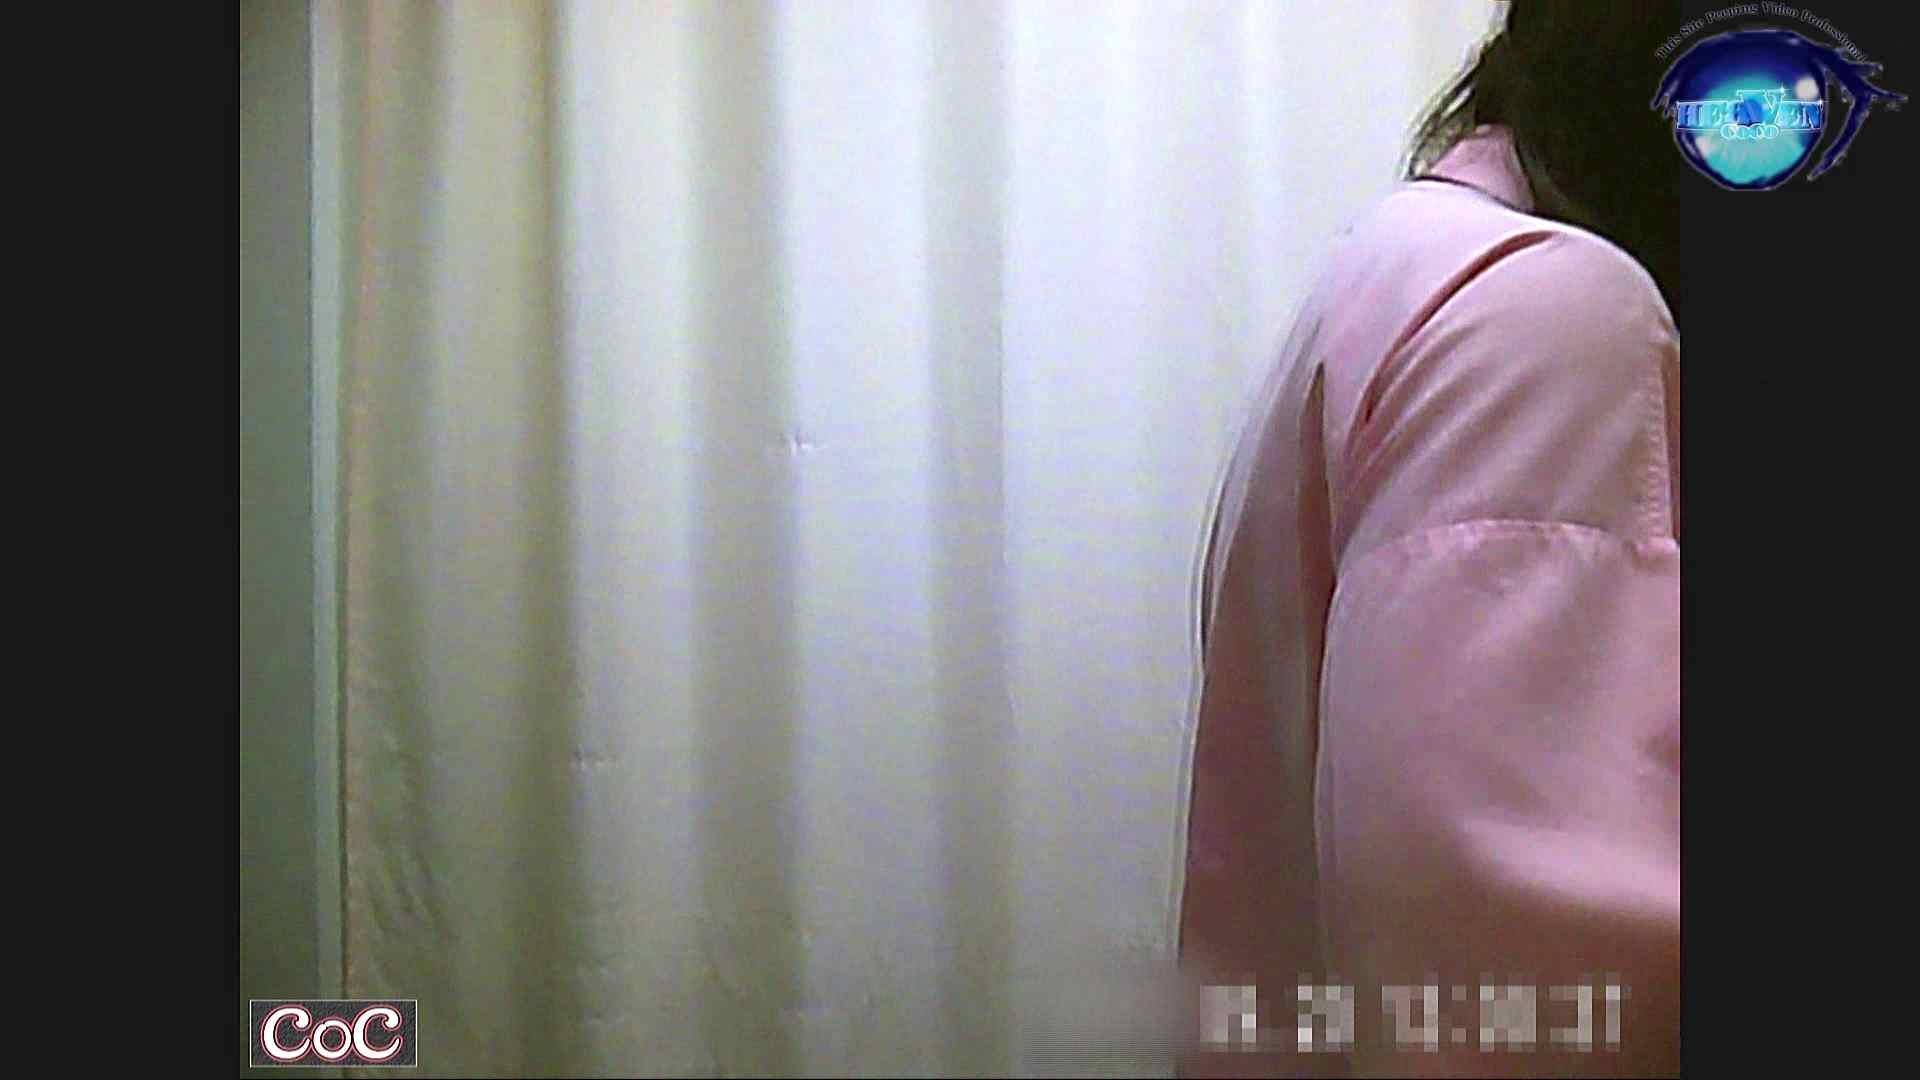 激ヤバ健康診断!着替えの一部始終.vol.29 ※本編ボカシ・目線無し OLエロ画像 盗撮エロ画像 49PICs 26